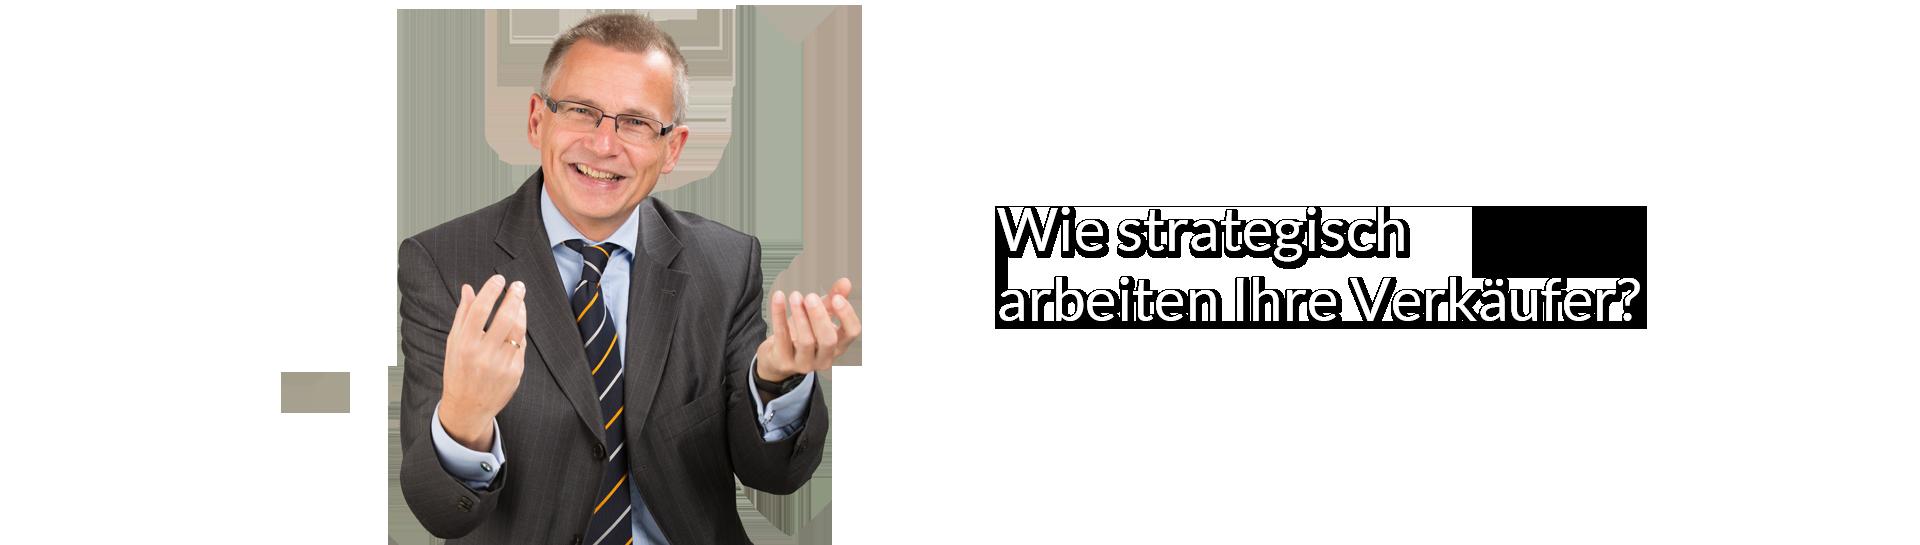 slider-startseite4